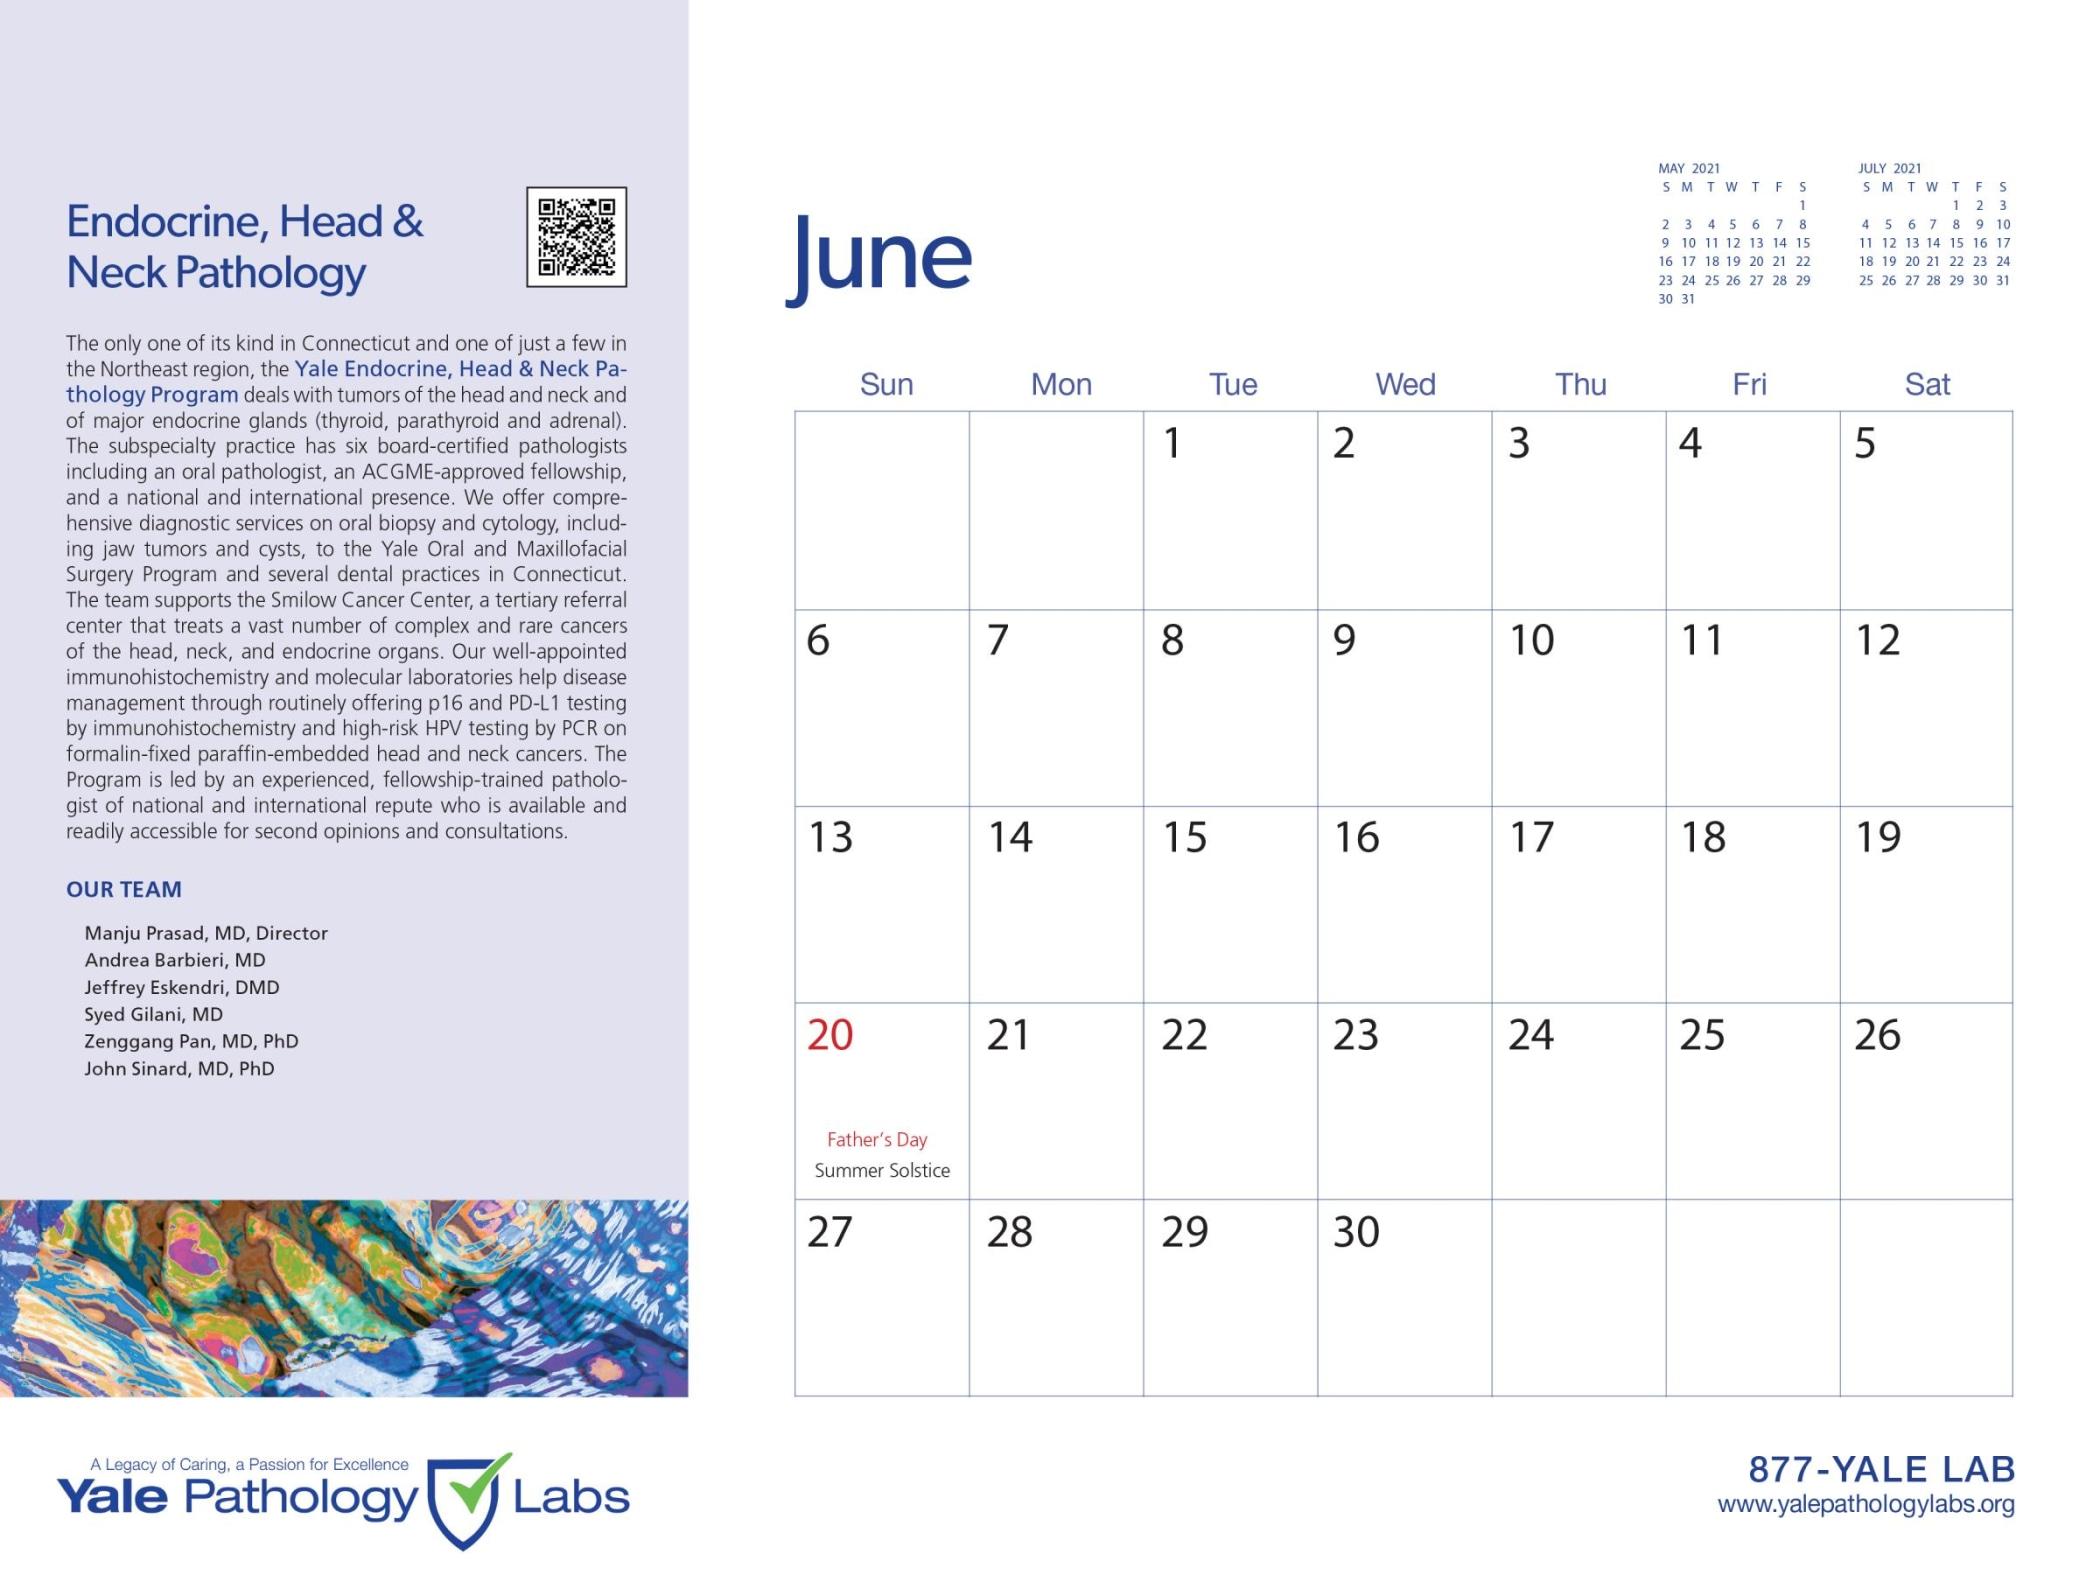 Yale Pathology Labs Calendar 2021 - June - Endocrine, Head and Neck Pathology